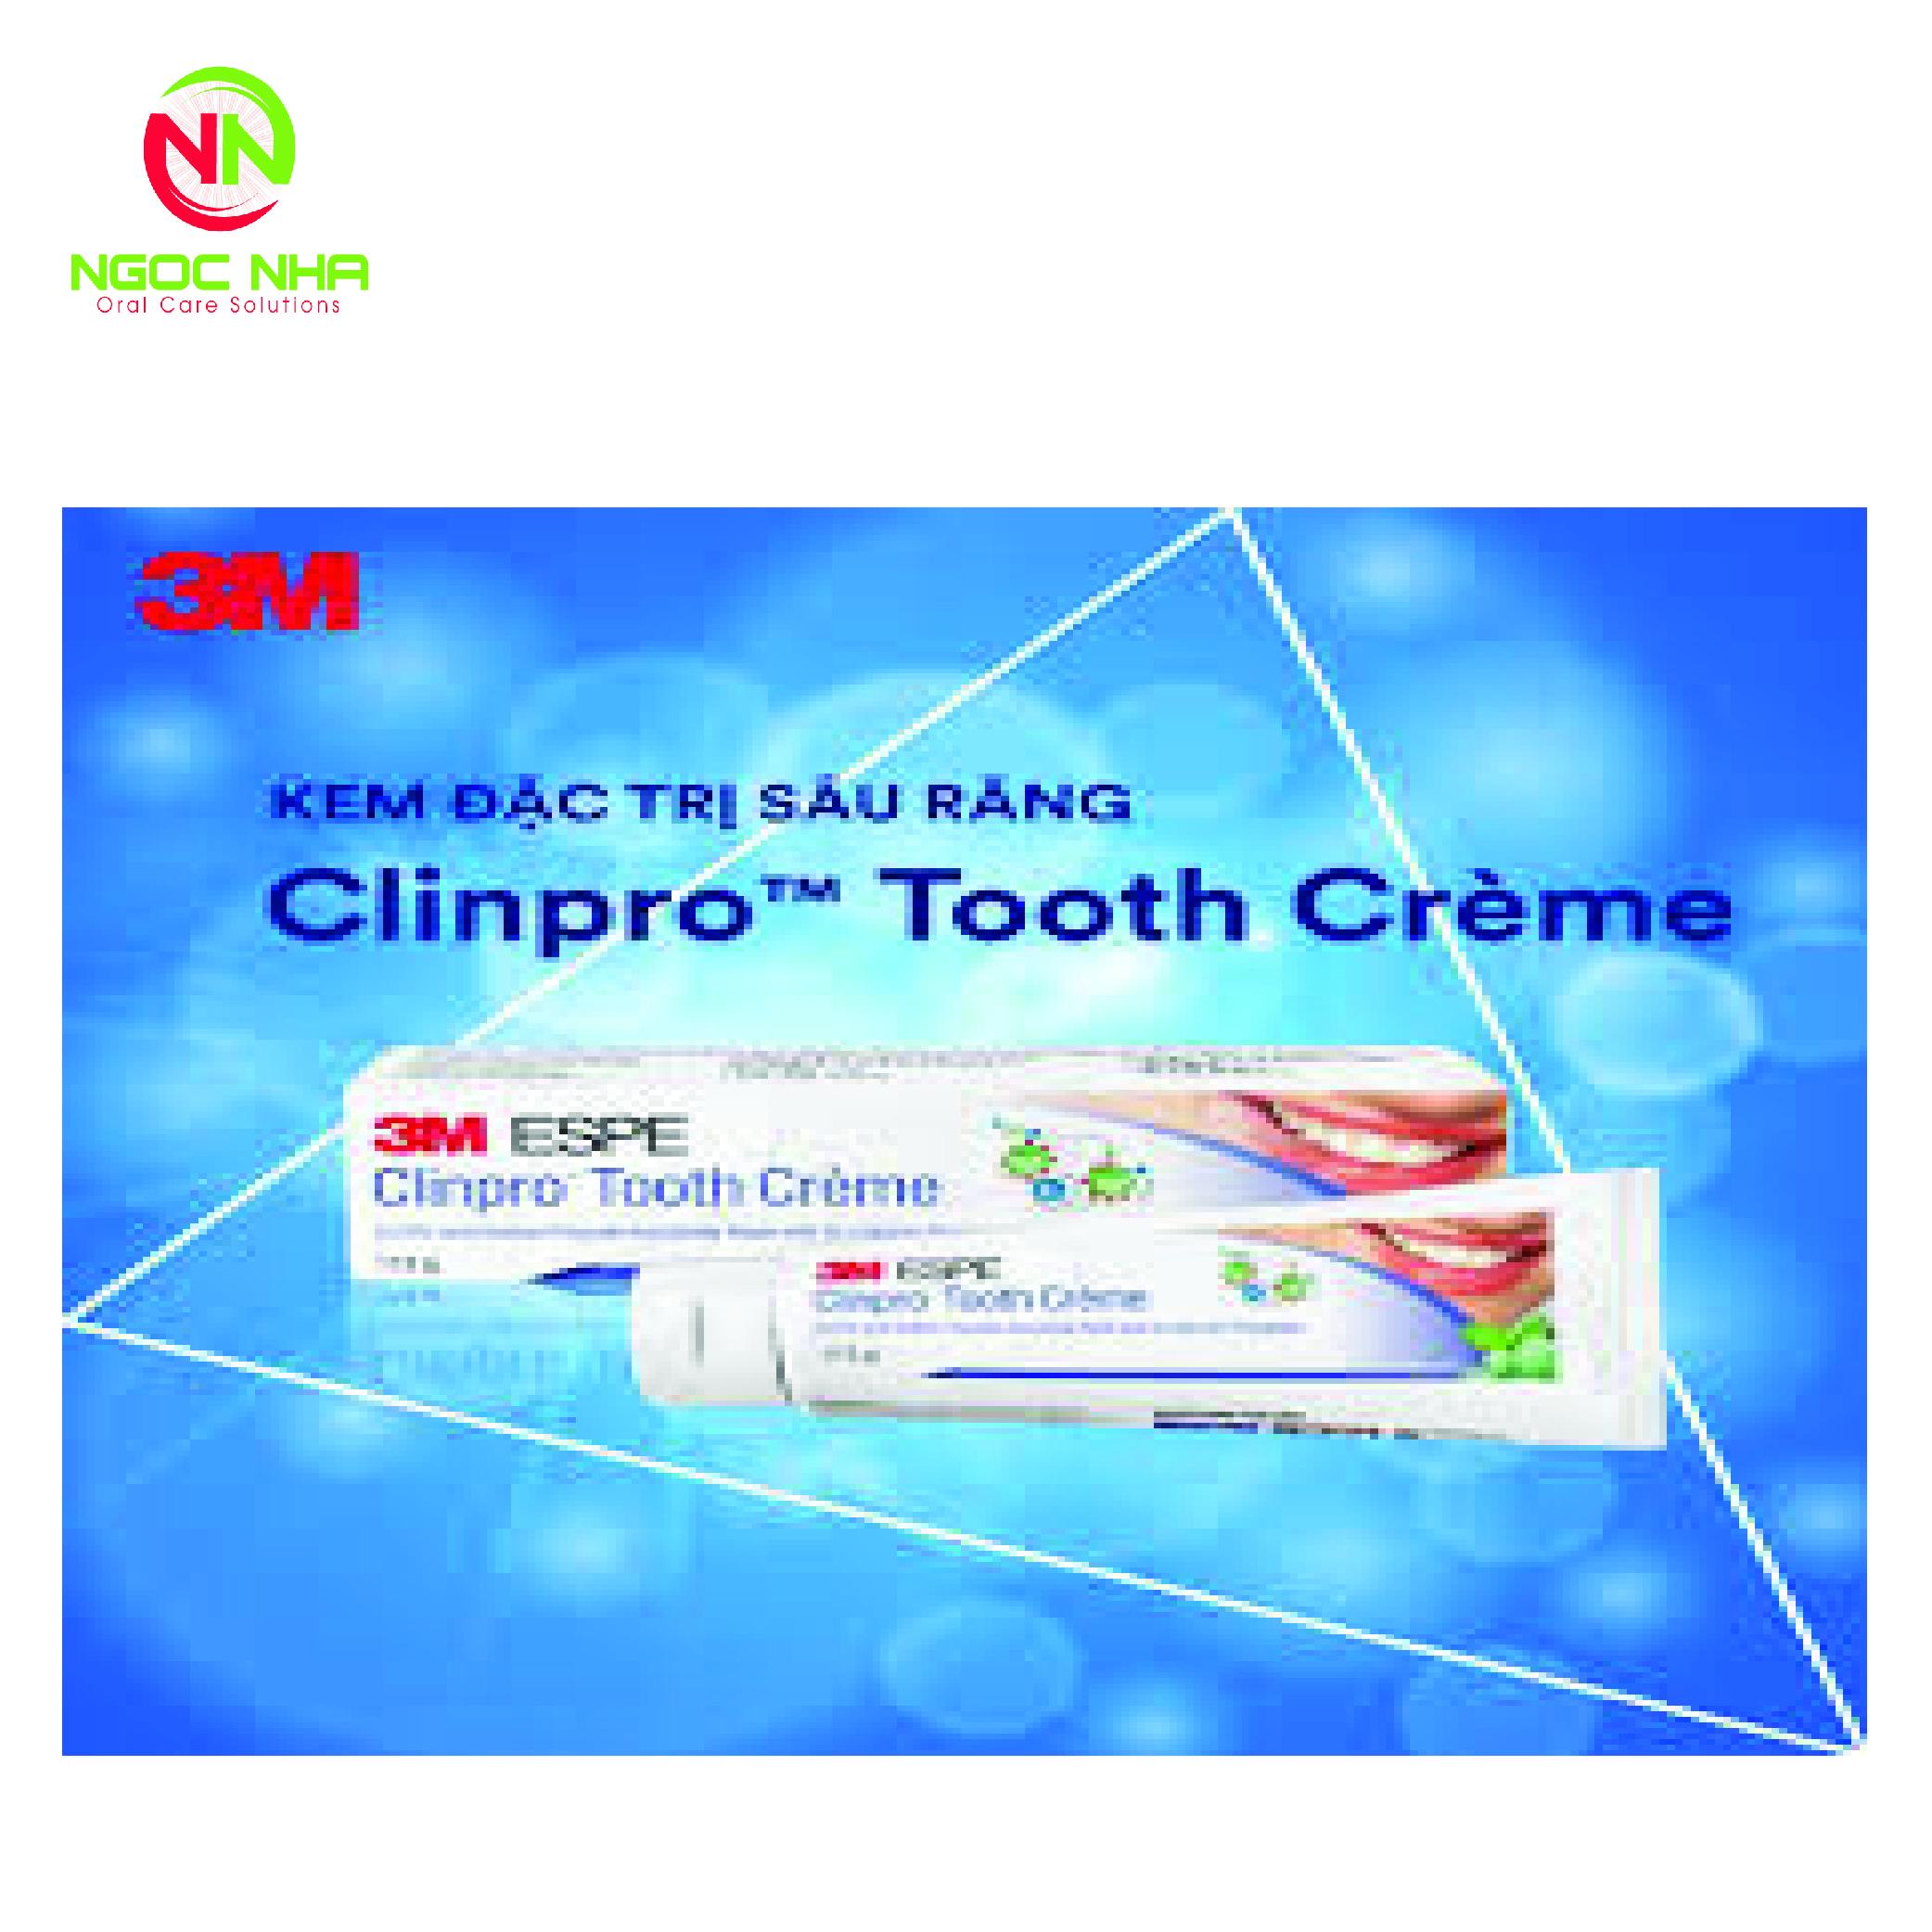 Kem đáng răng đặc trị sâu răng 3M Clinpro Tooth Crème